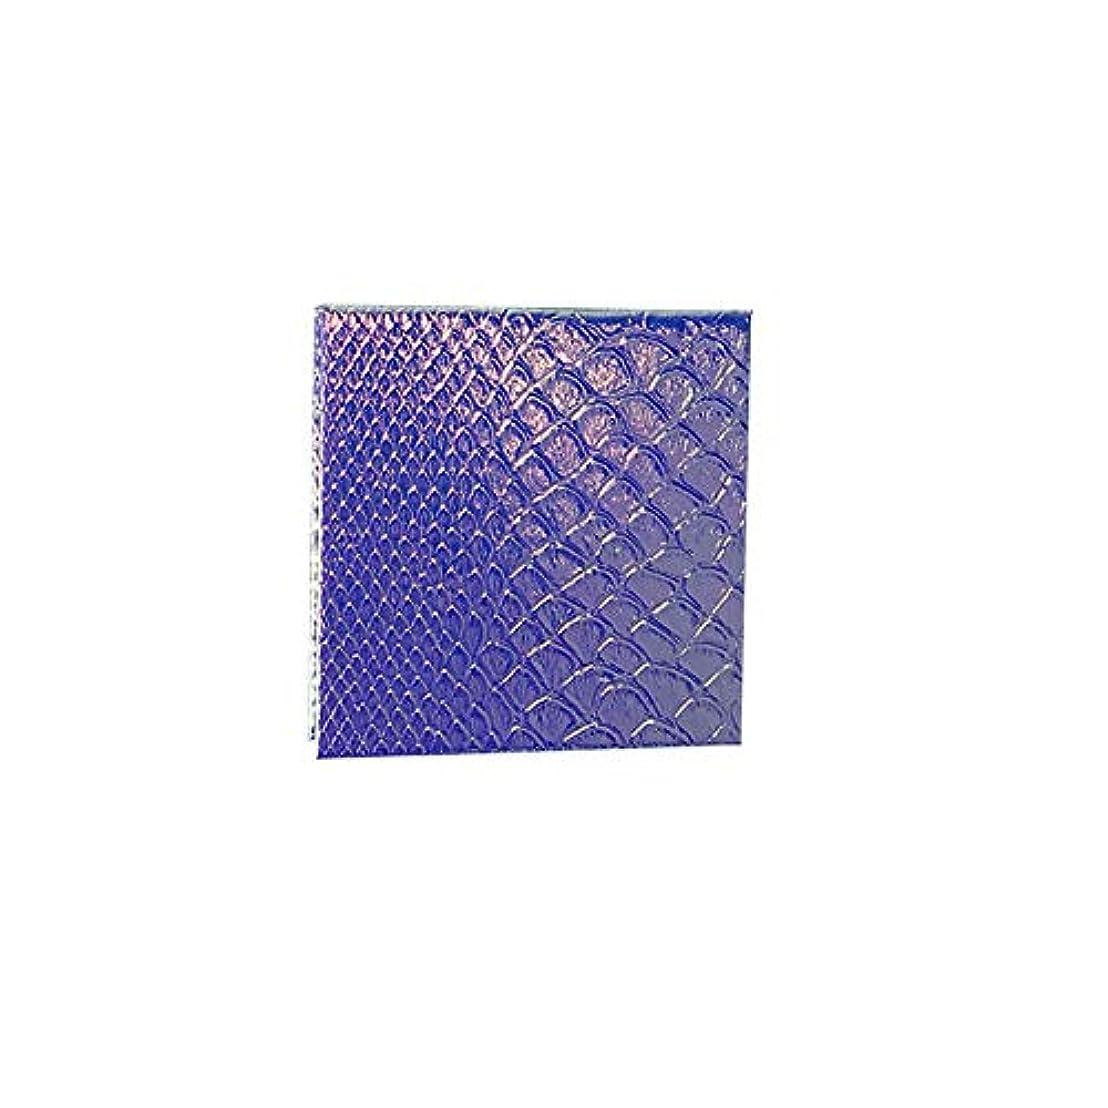 登録なめるひねり空の化粧アイシャドーパレット磁気空パレット接着剤空のパレット金属ステッカー空のパレットキット(S)